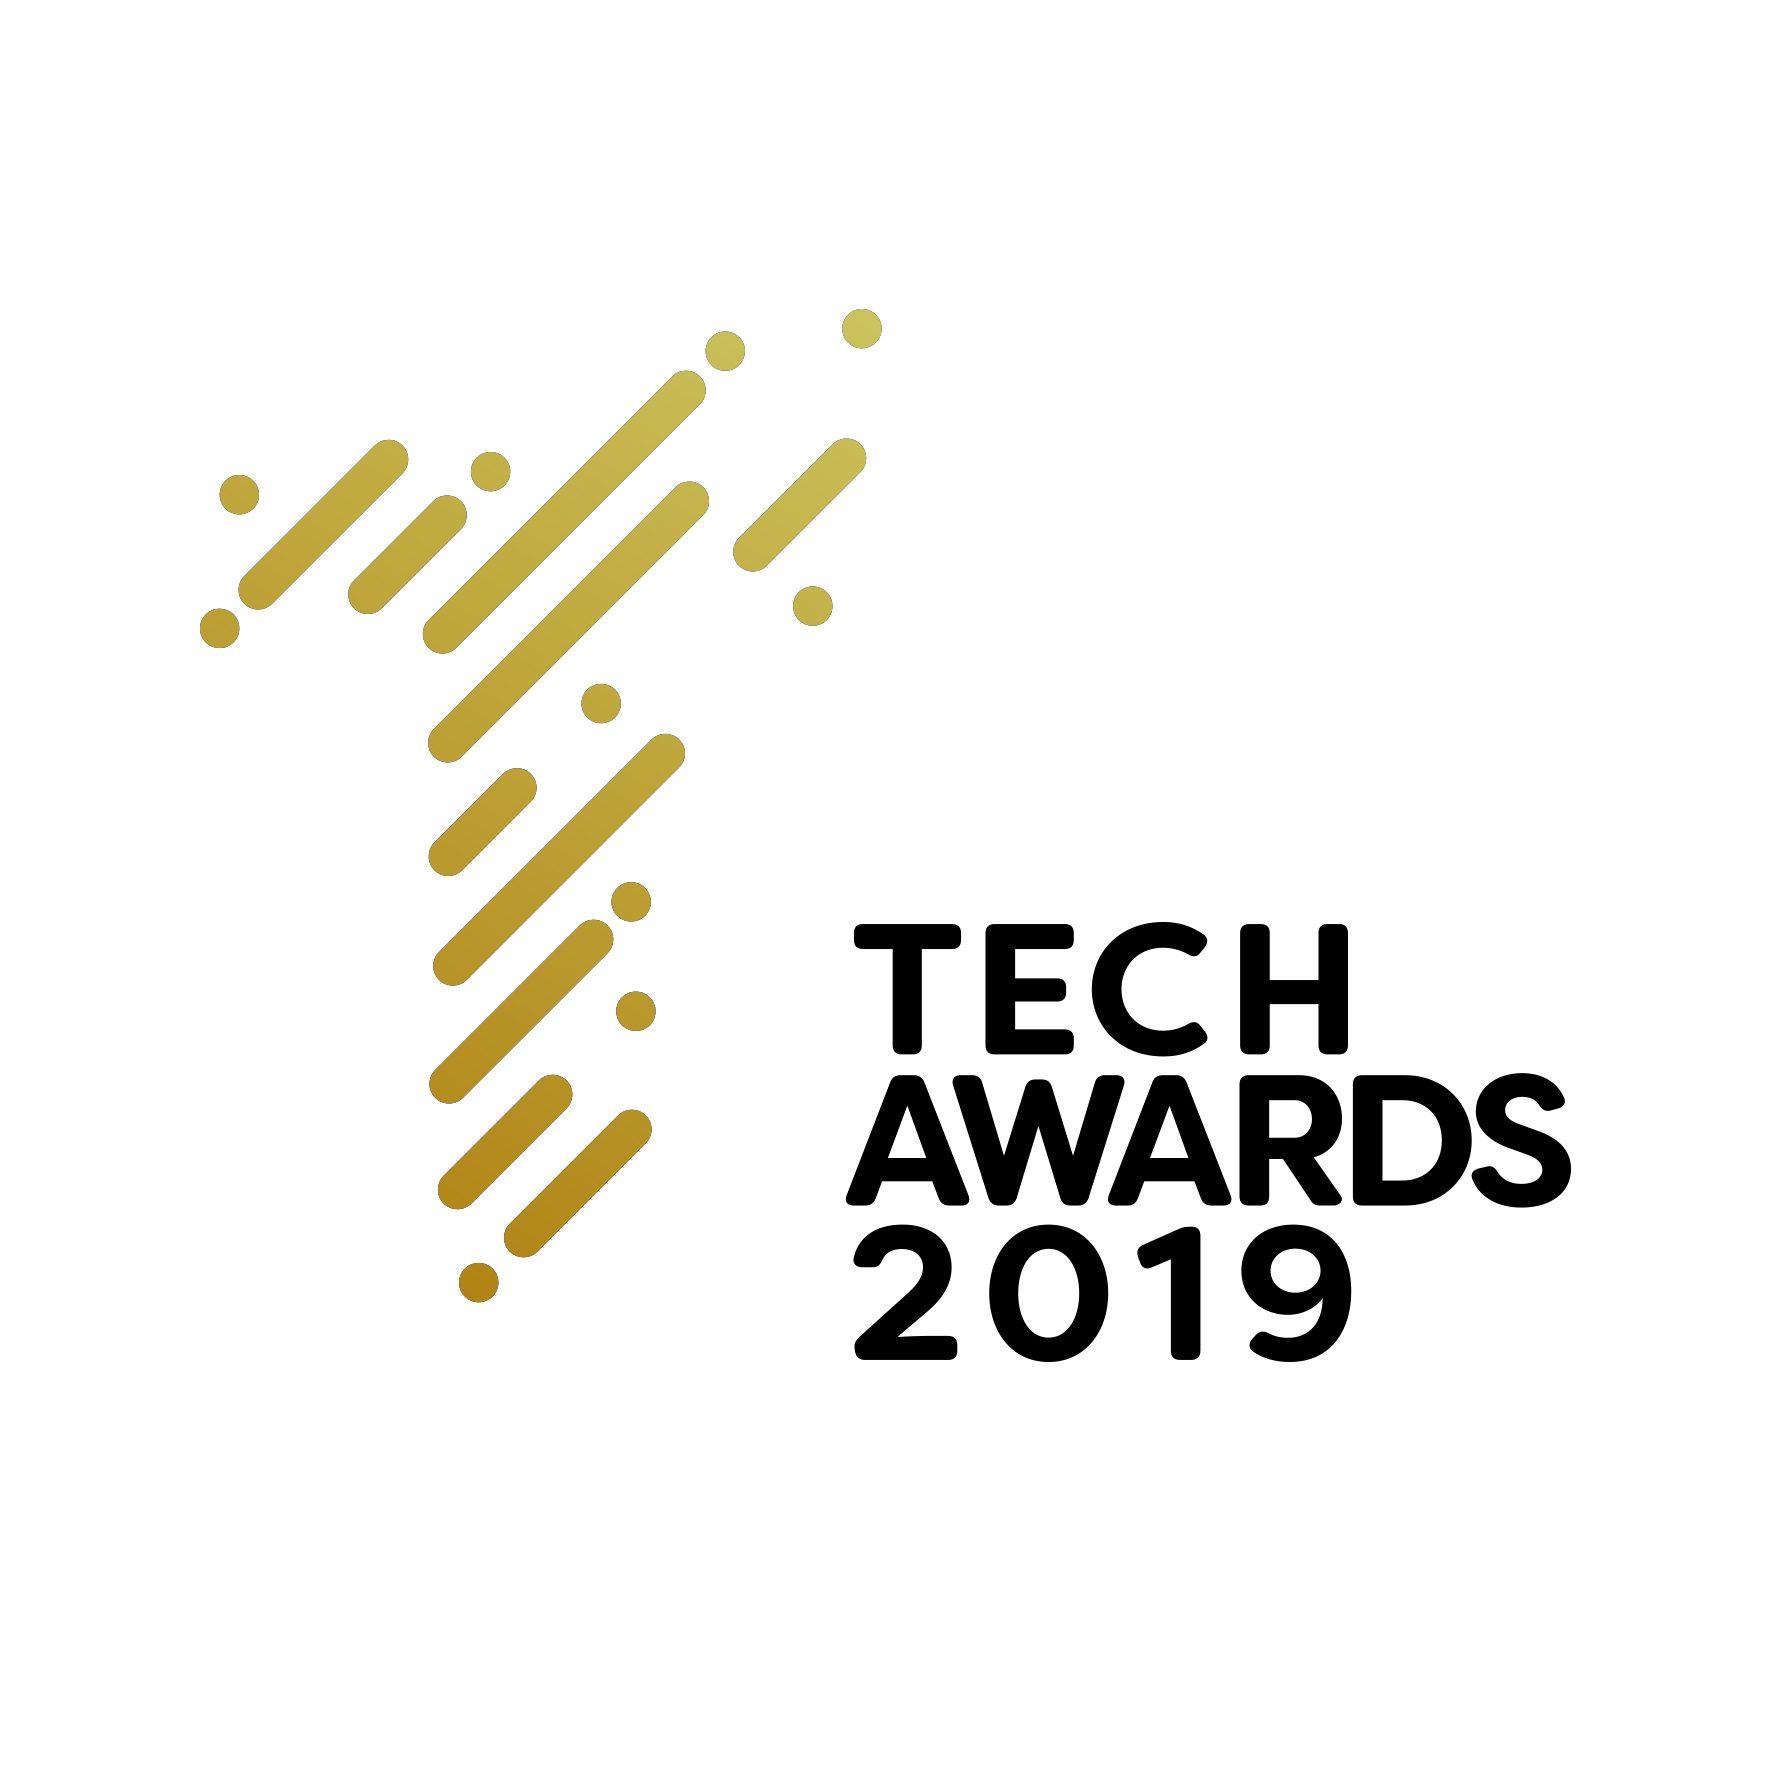 Zwycięskie produkty Xiaomi z Tech Awards 2019 – czy znasz je wszystkie?